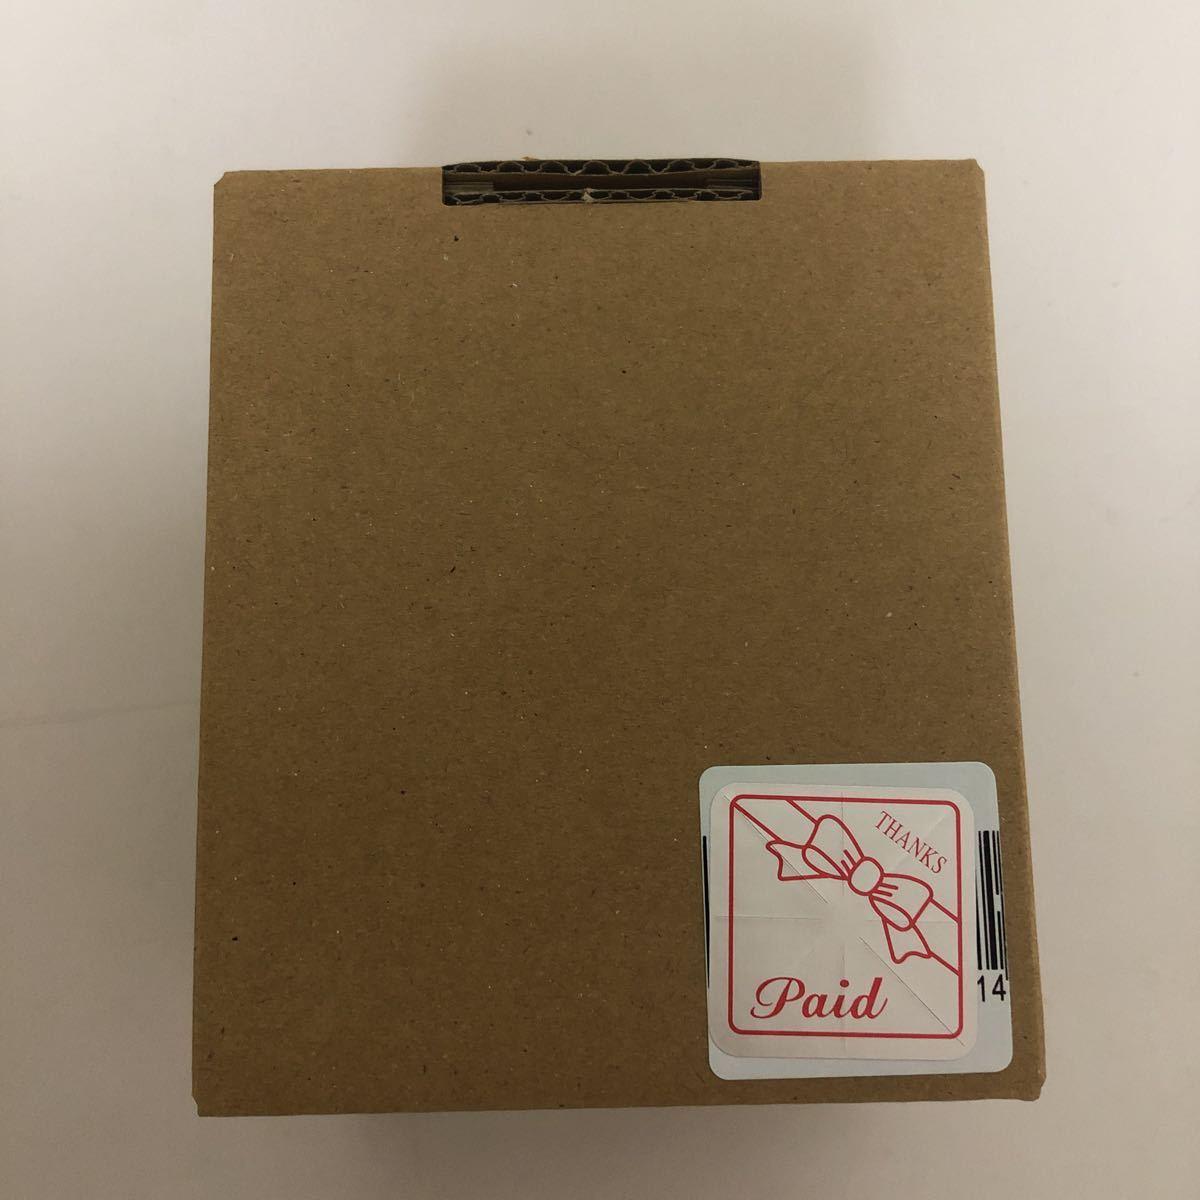 新品未開封 DWC 01 ヘッド フレッシュ アイホールオープン ドルフィードリーム ドール ヘッド DD MDD_画像6